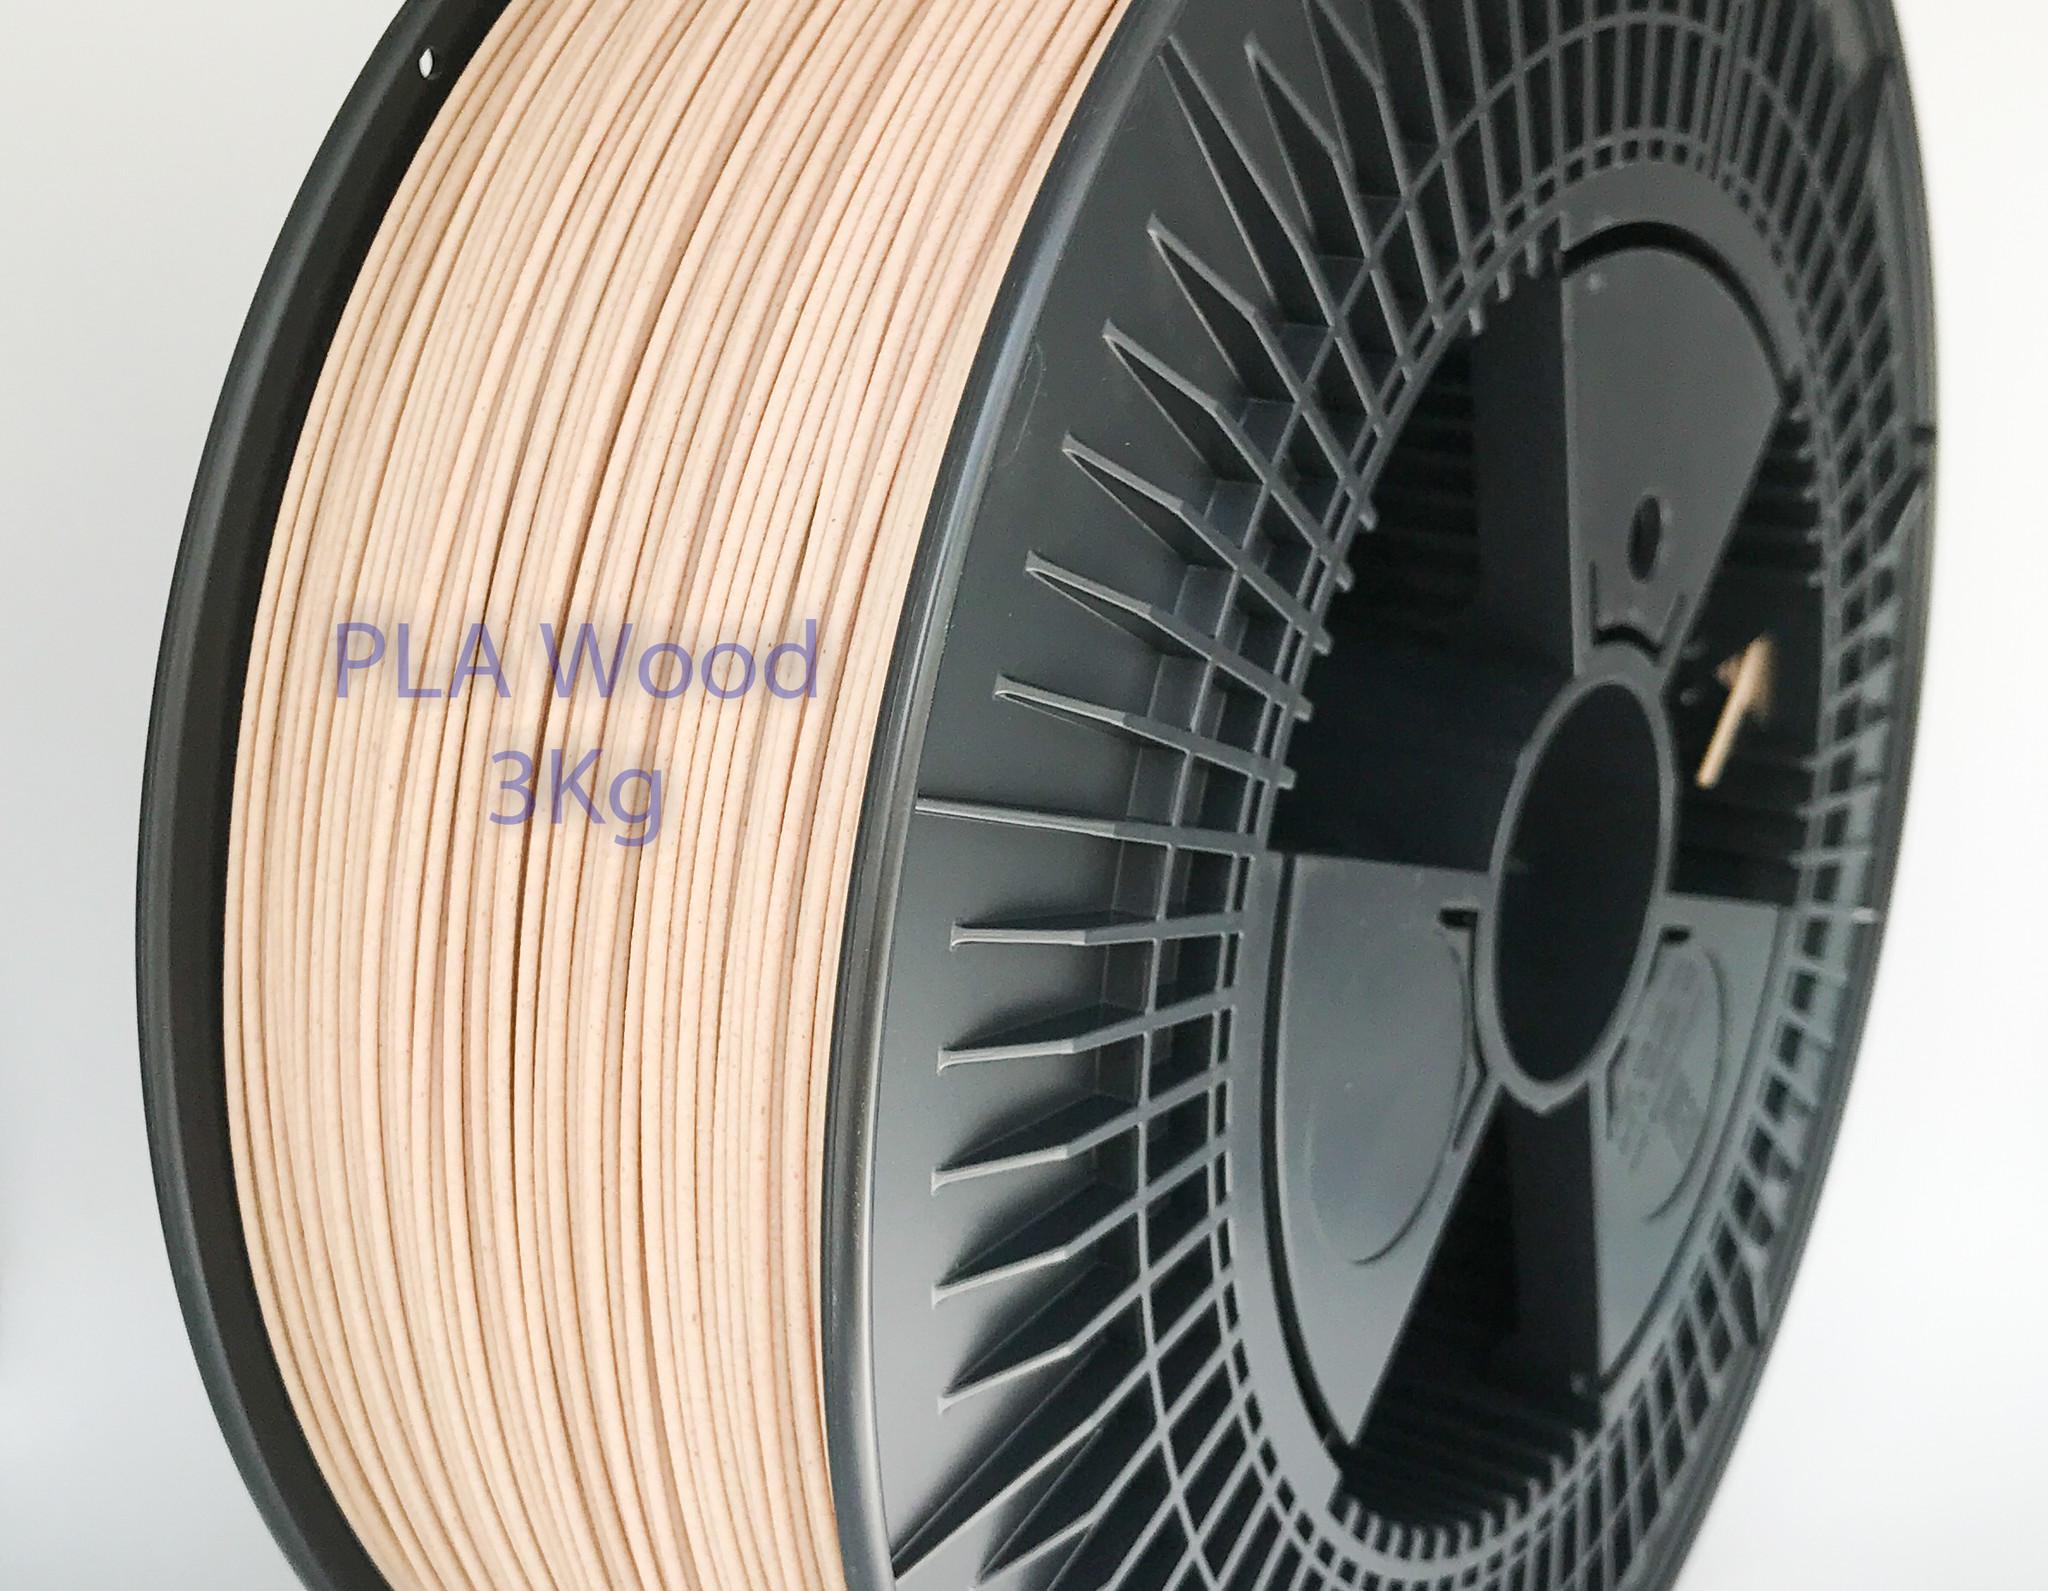 Neu PLA Wood 3kg